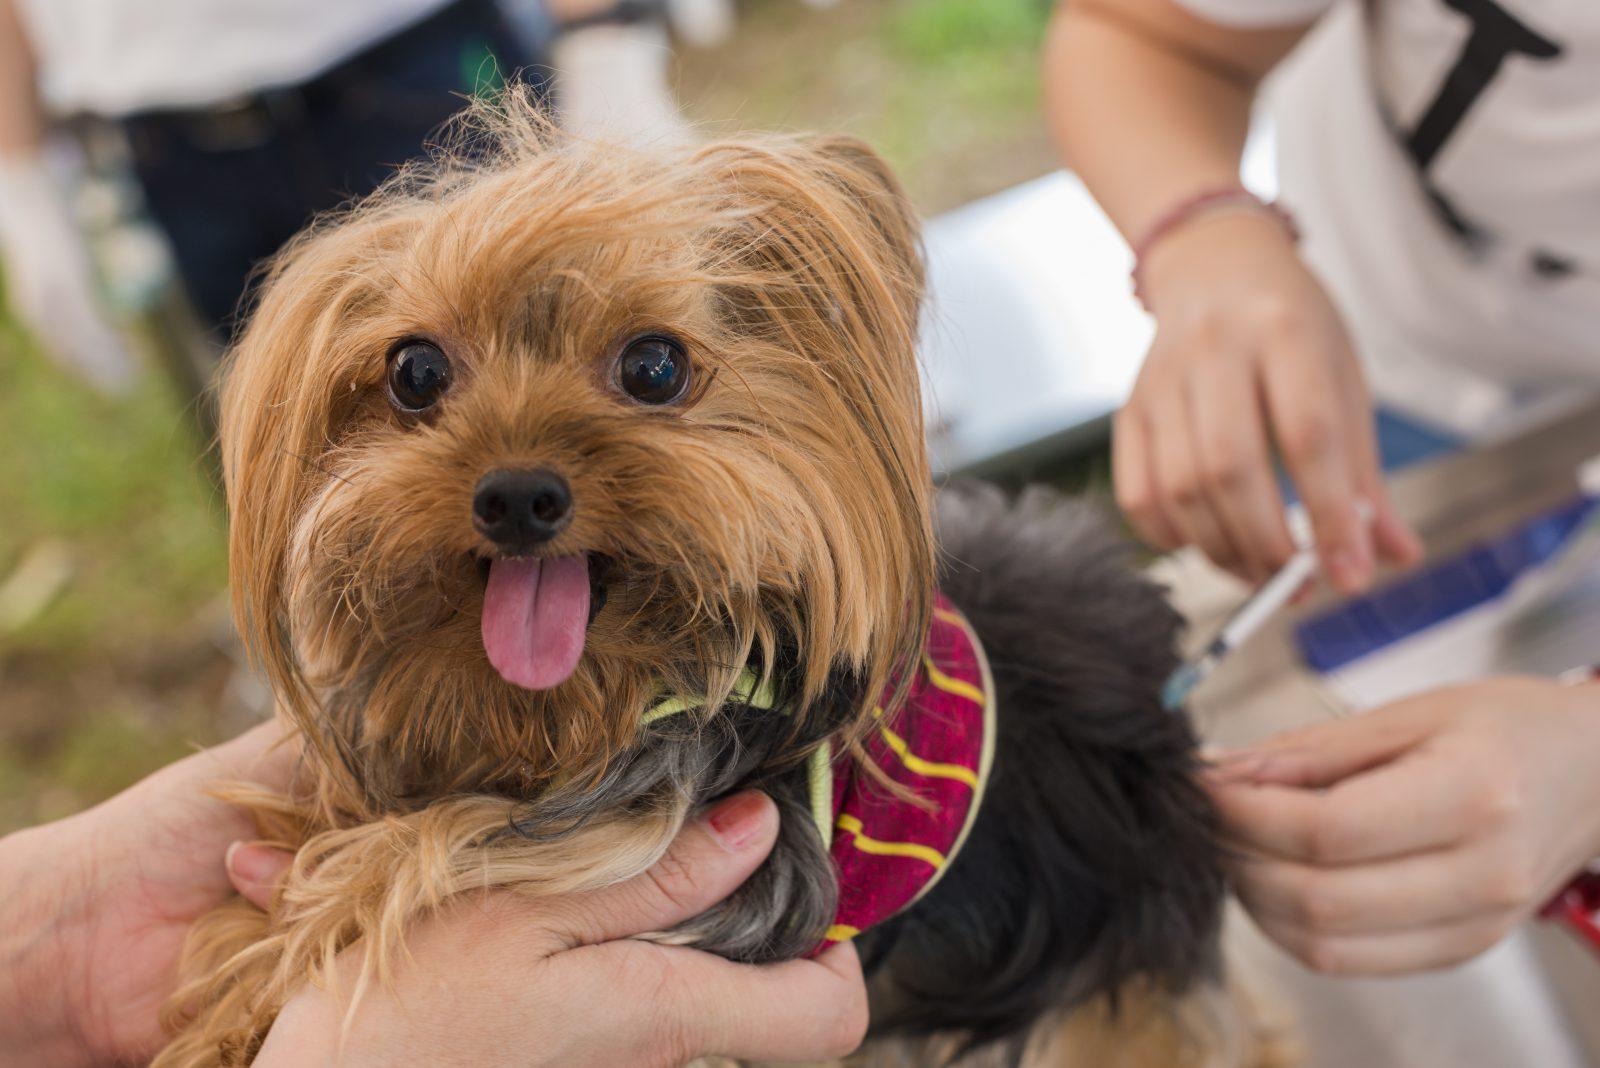 Plano de saúde para cachorro: Yorkshire tomando vacina no veterinário.